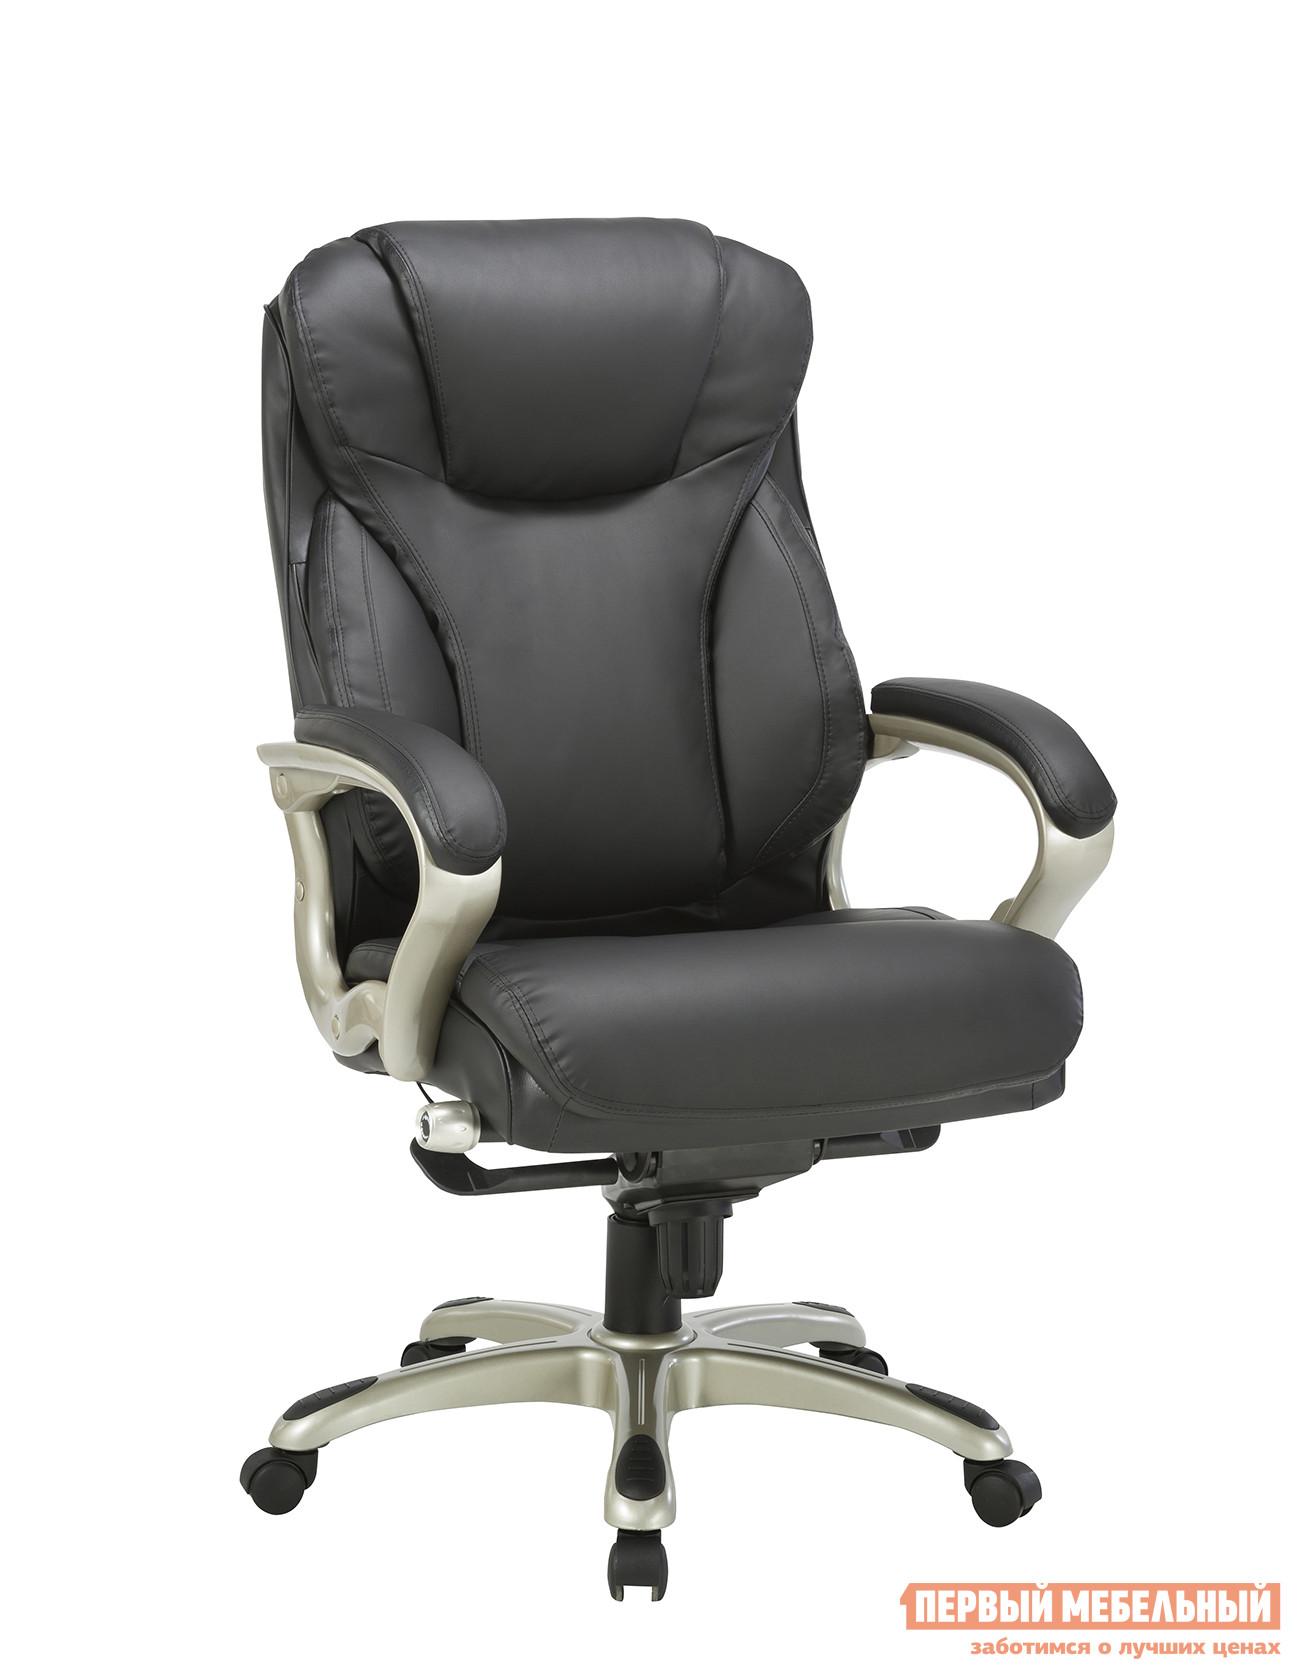 Кресло руководителя Бюрократ T-9916/BROWN / BLACK кресло для руководителя бюрократ t 9999 brown